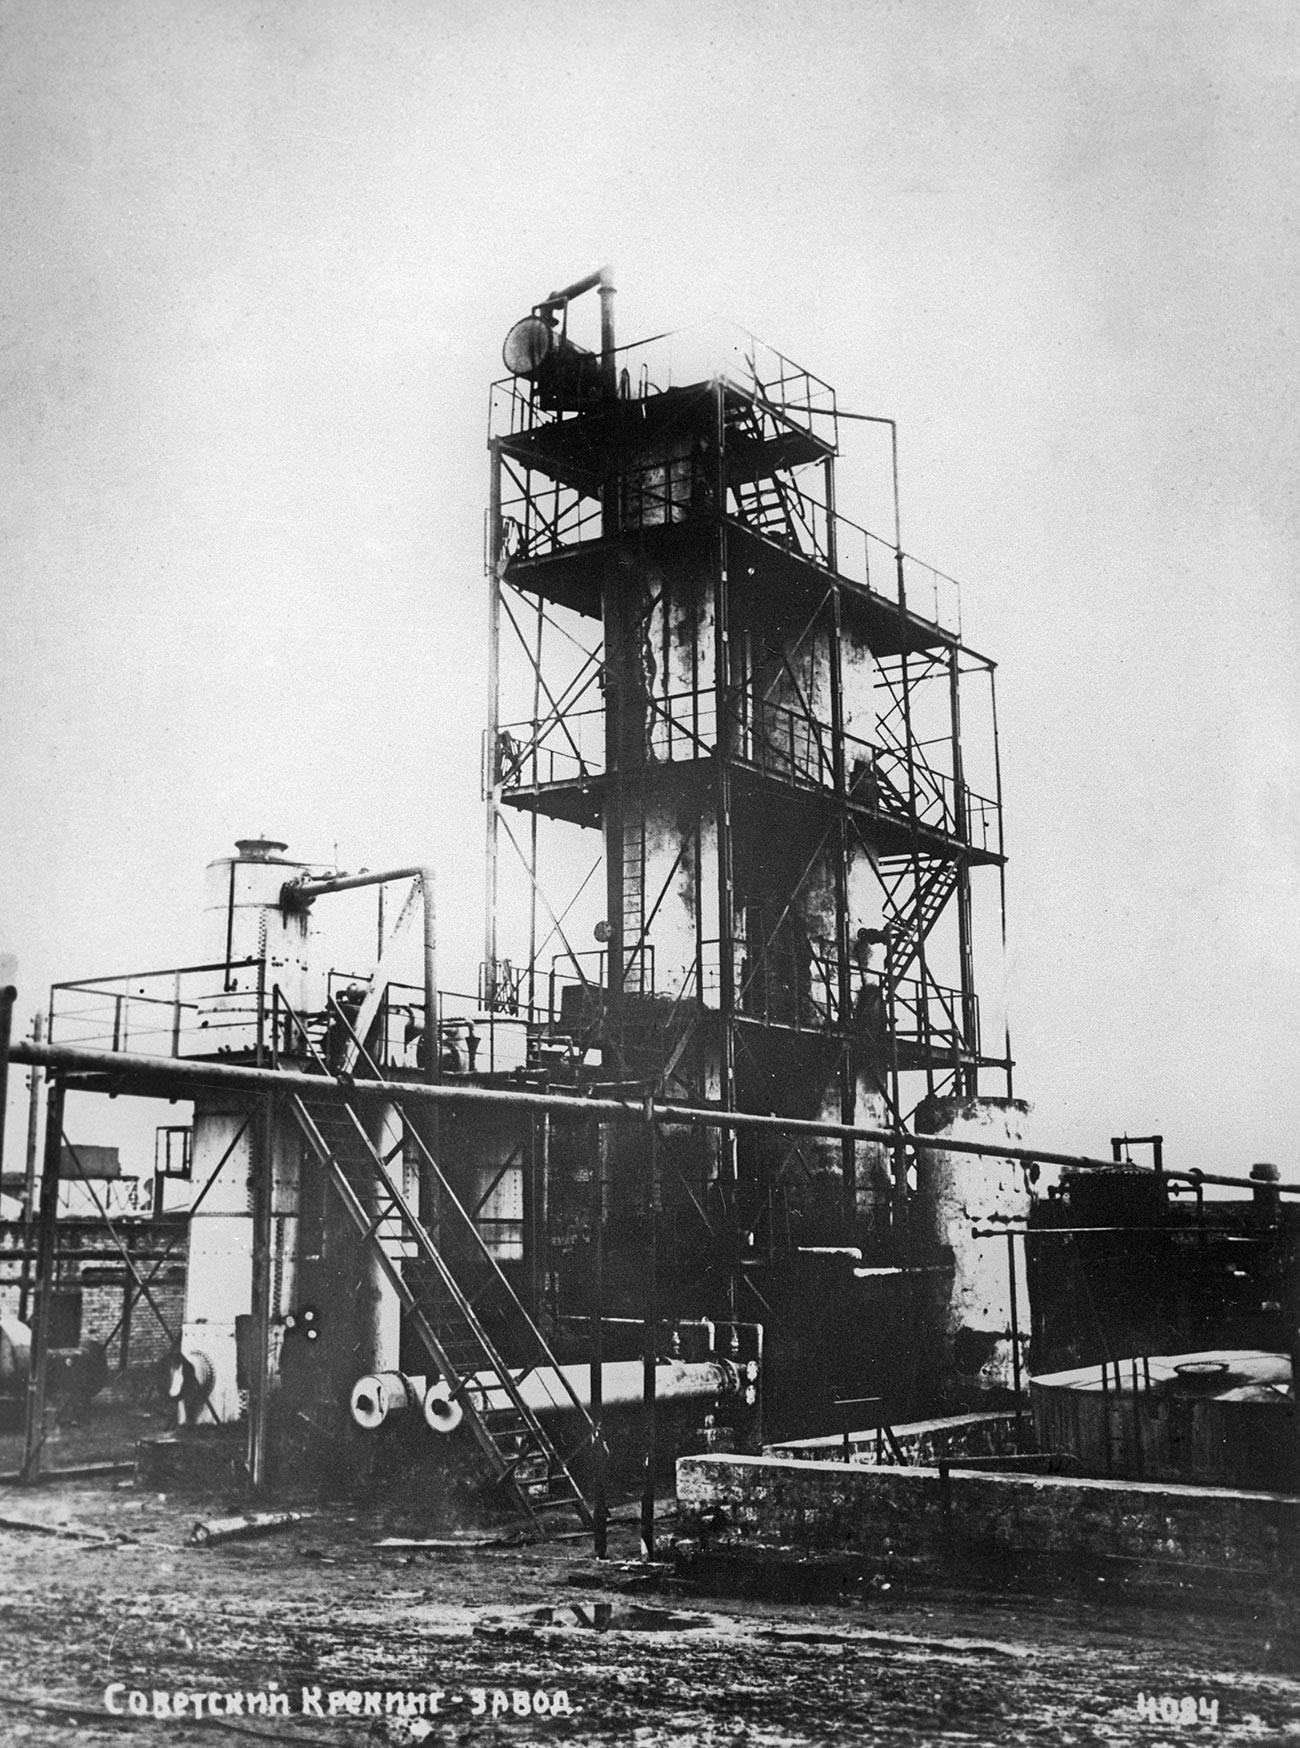 Инсталация за термичен крекинг на нефт по проект и под техническото ръководство на В. Г. Шухов. Баку, СССР, 1934 г.